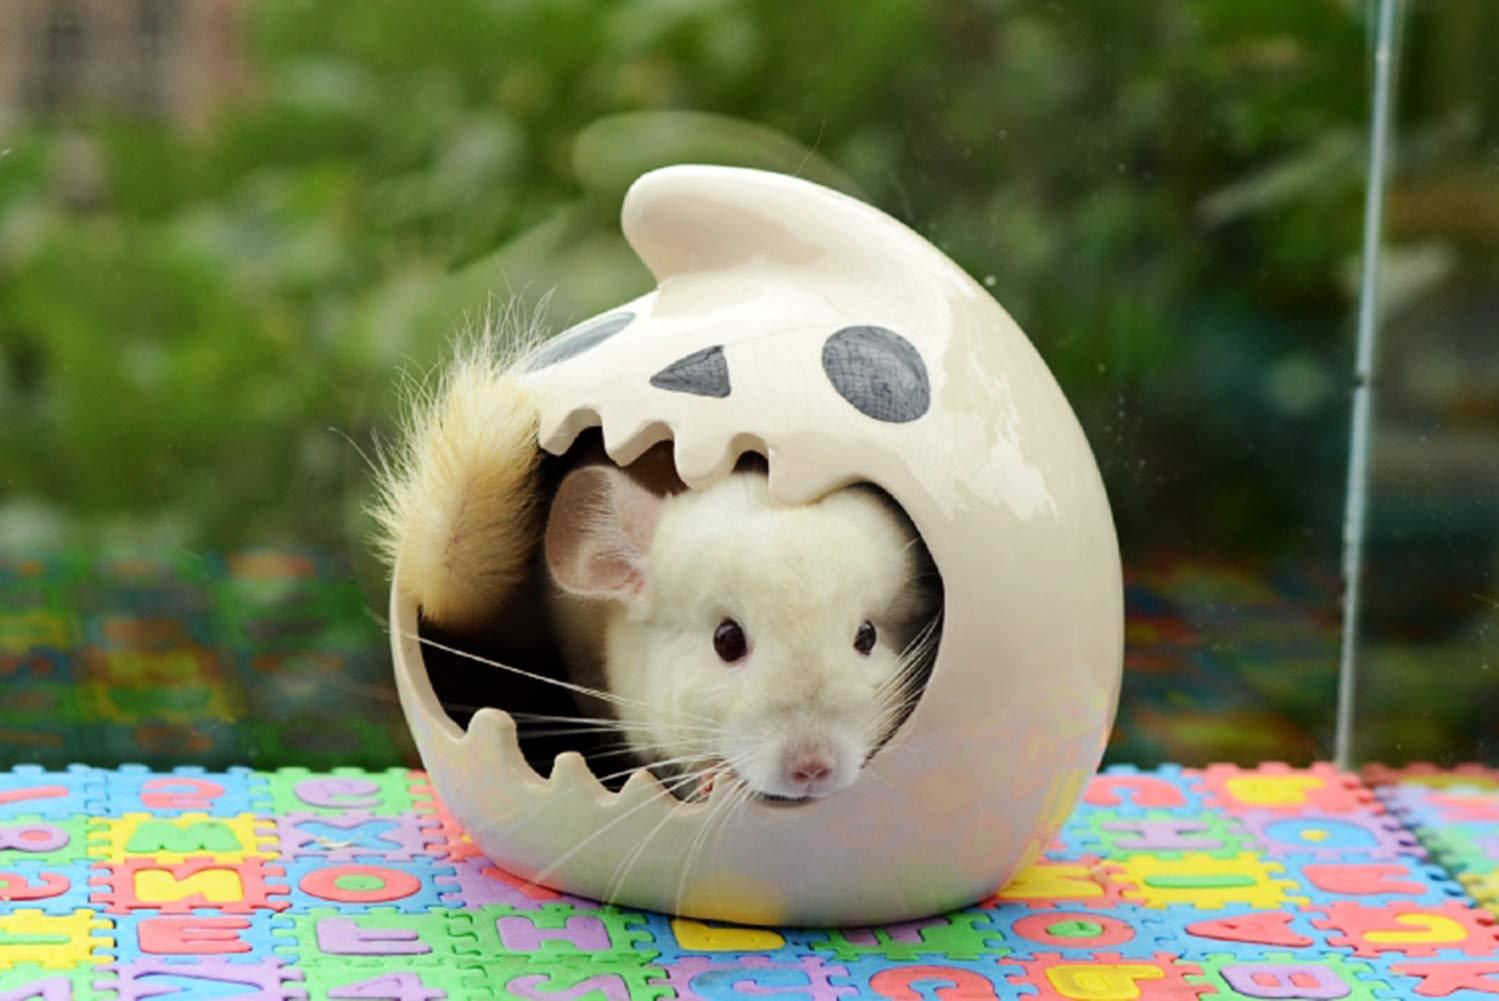 Megawa Casa para Mascotas con Forma de espátula de cerámica para Chinchilla, hámster, mesocriceto, auratus: Amazon.es: Productos para mascotas